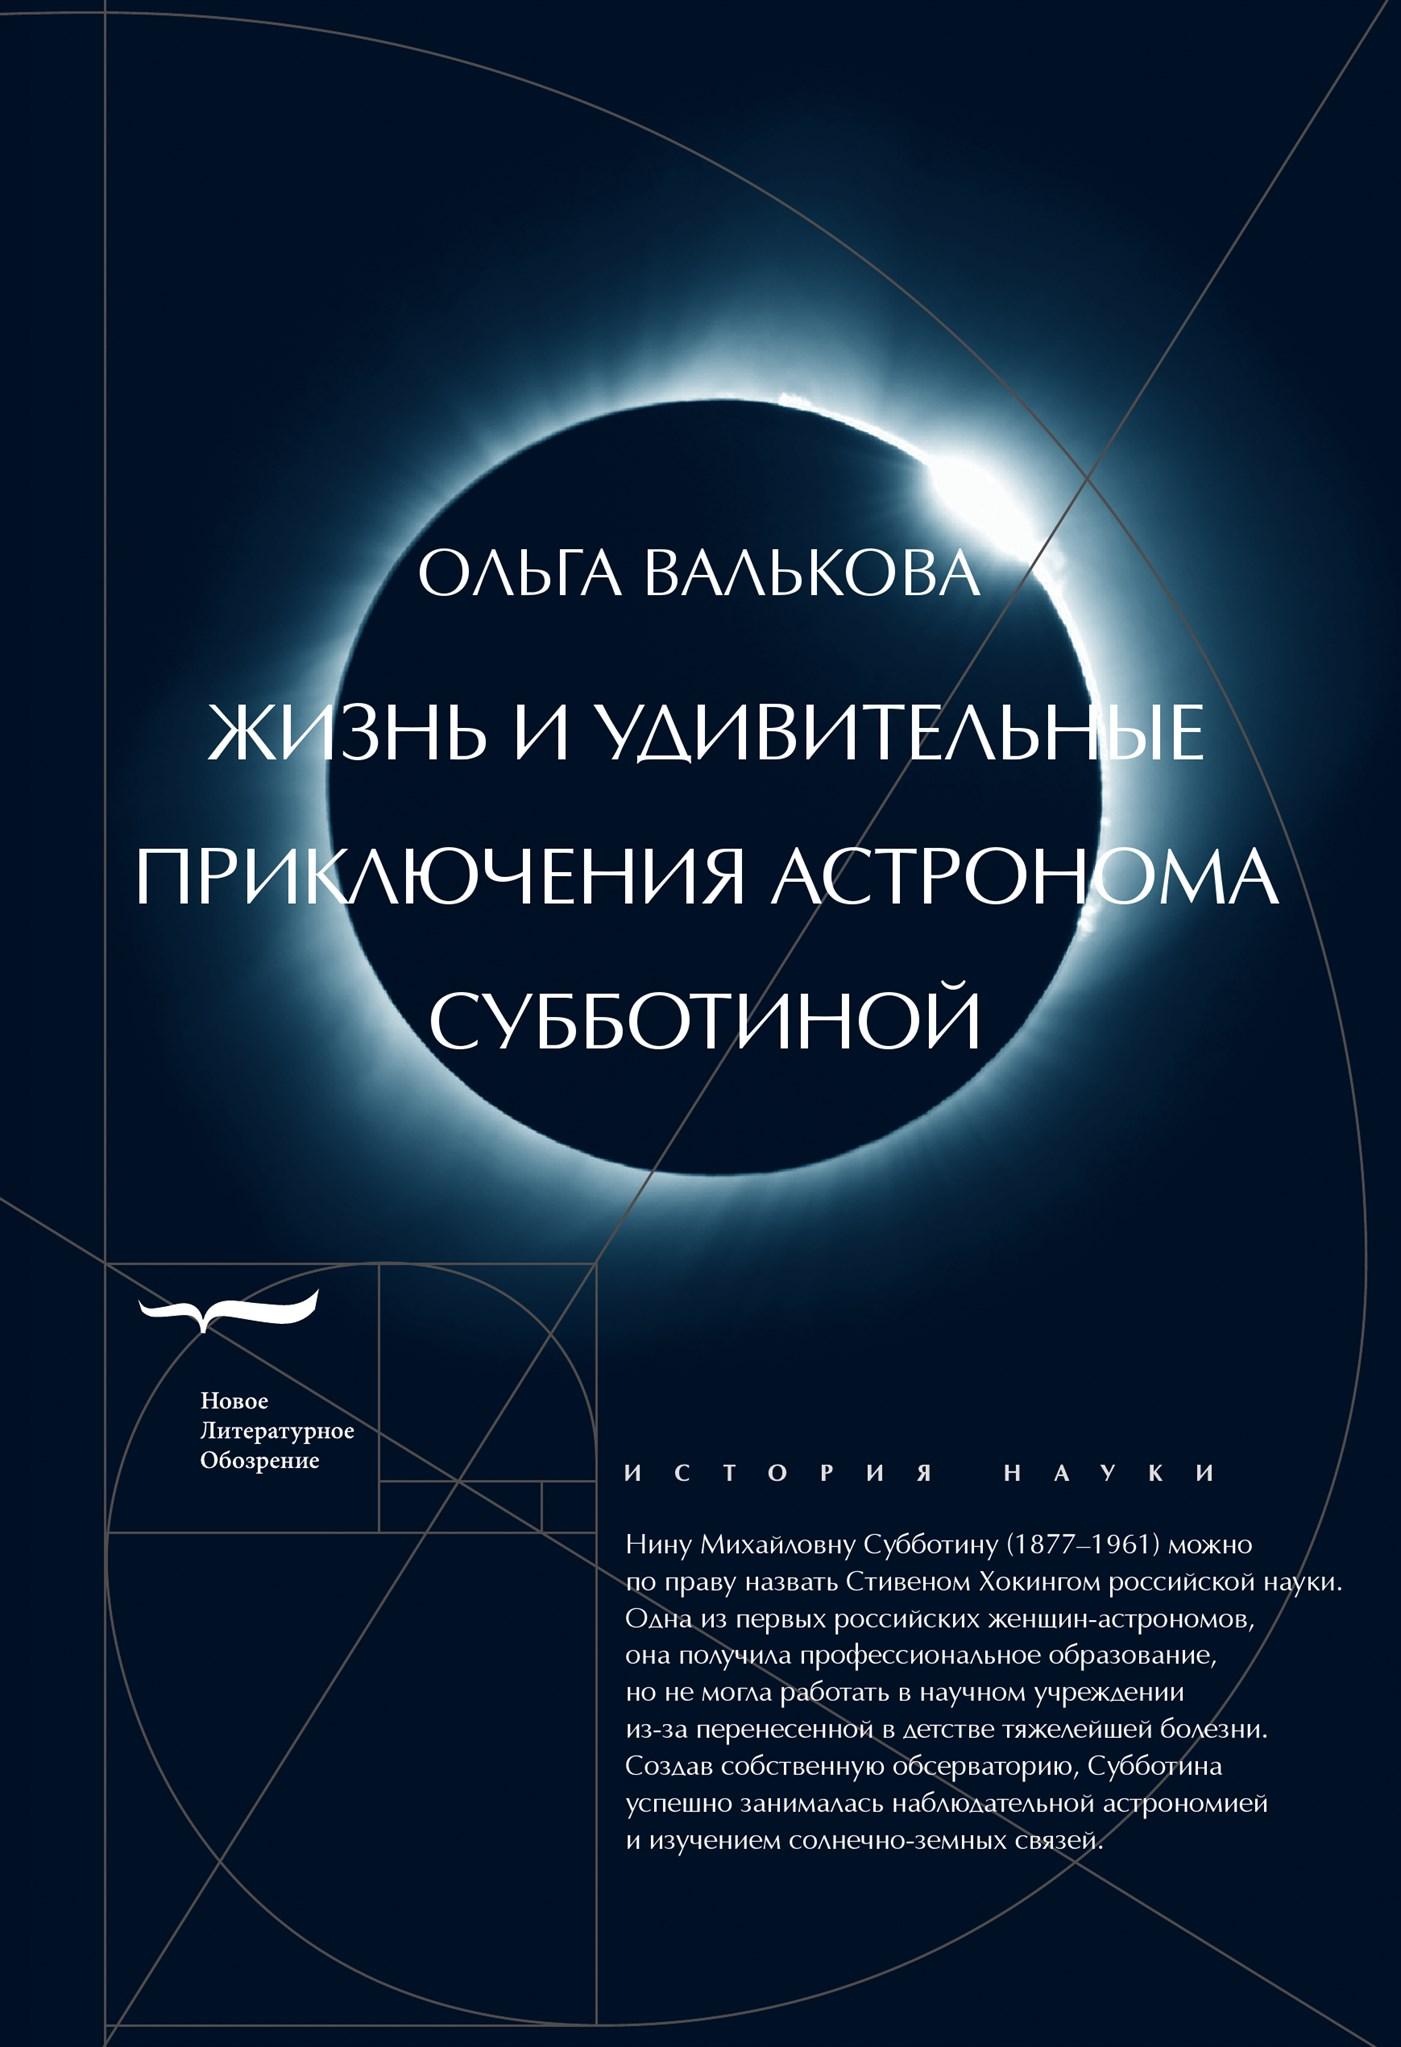 Жизнь и удивительные приключения астронома Субботиной